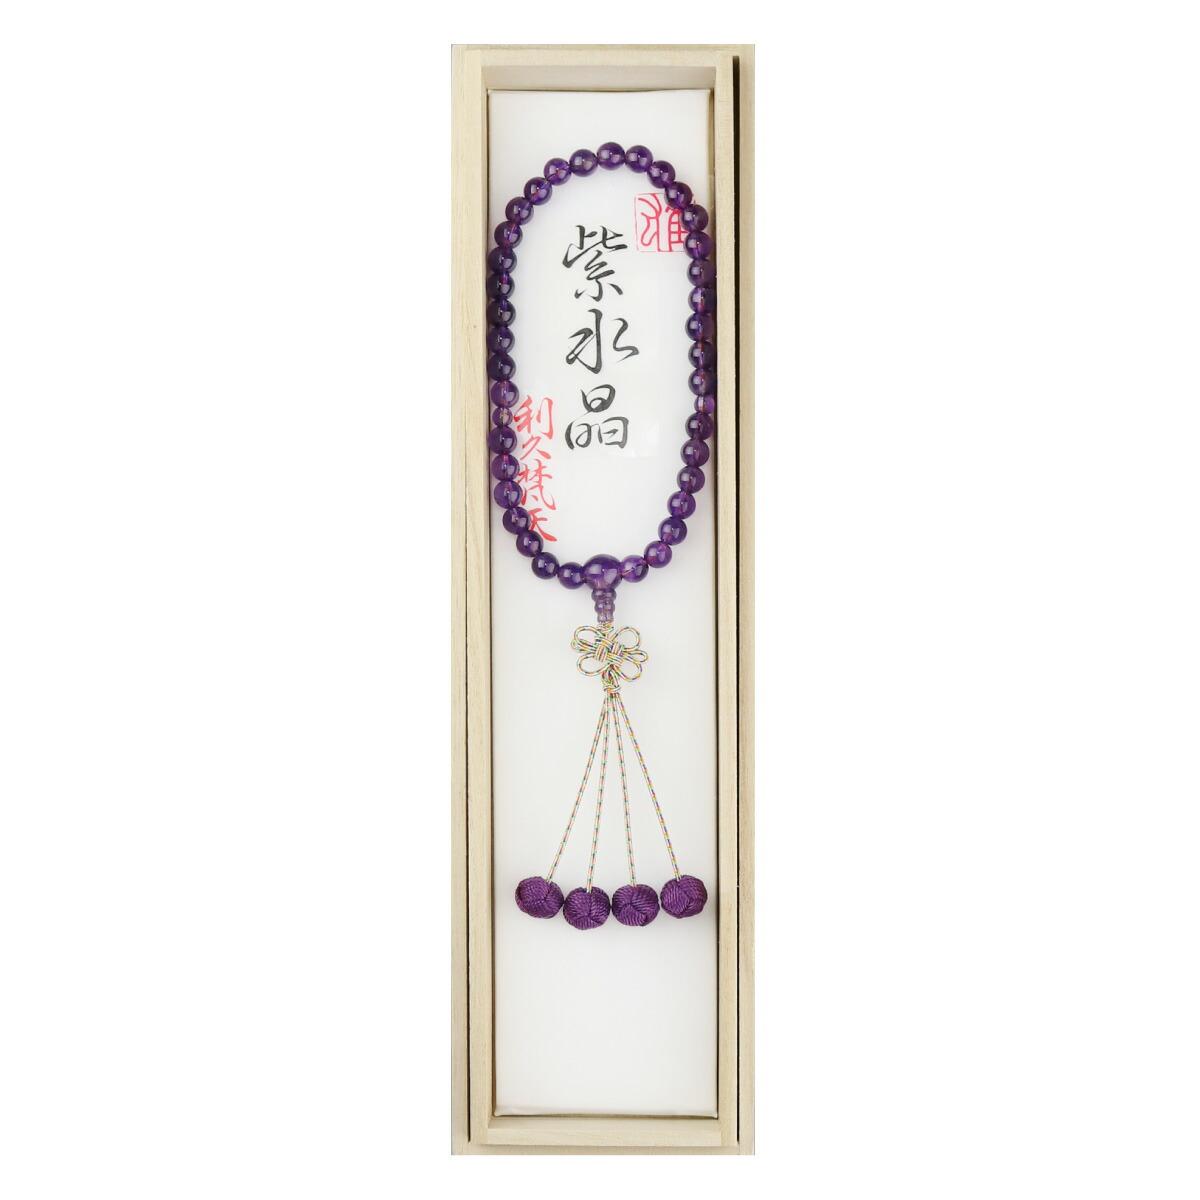 数珠 紫水晶7mm  利久梵天 華結び